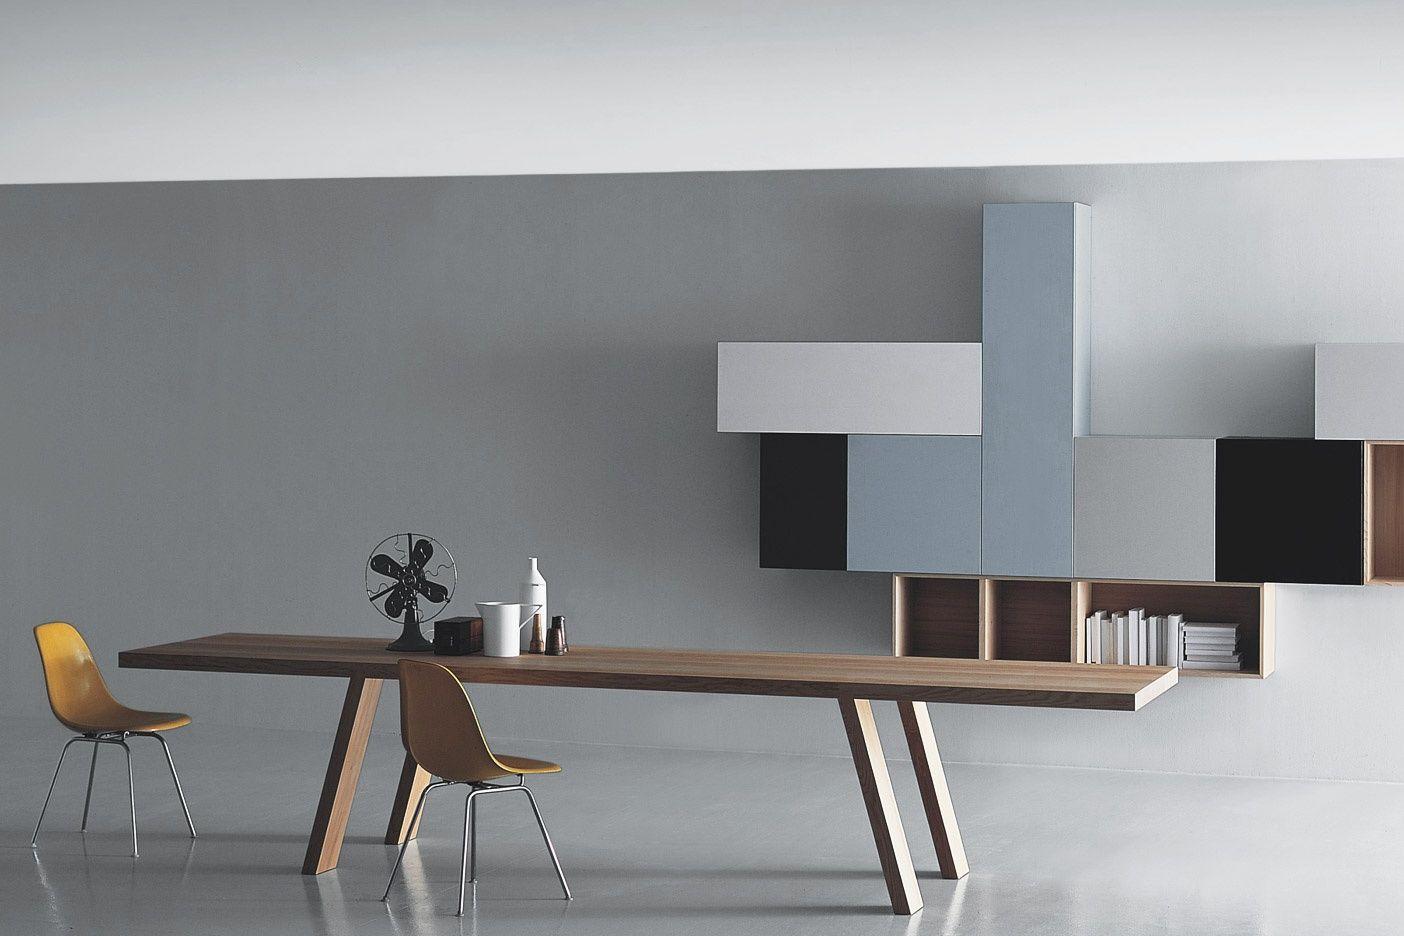 Tavolo Porro ~ Minimo design by piero lissoni porro spa kitchen reno